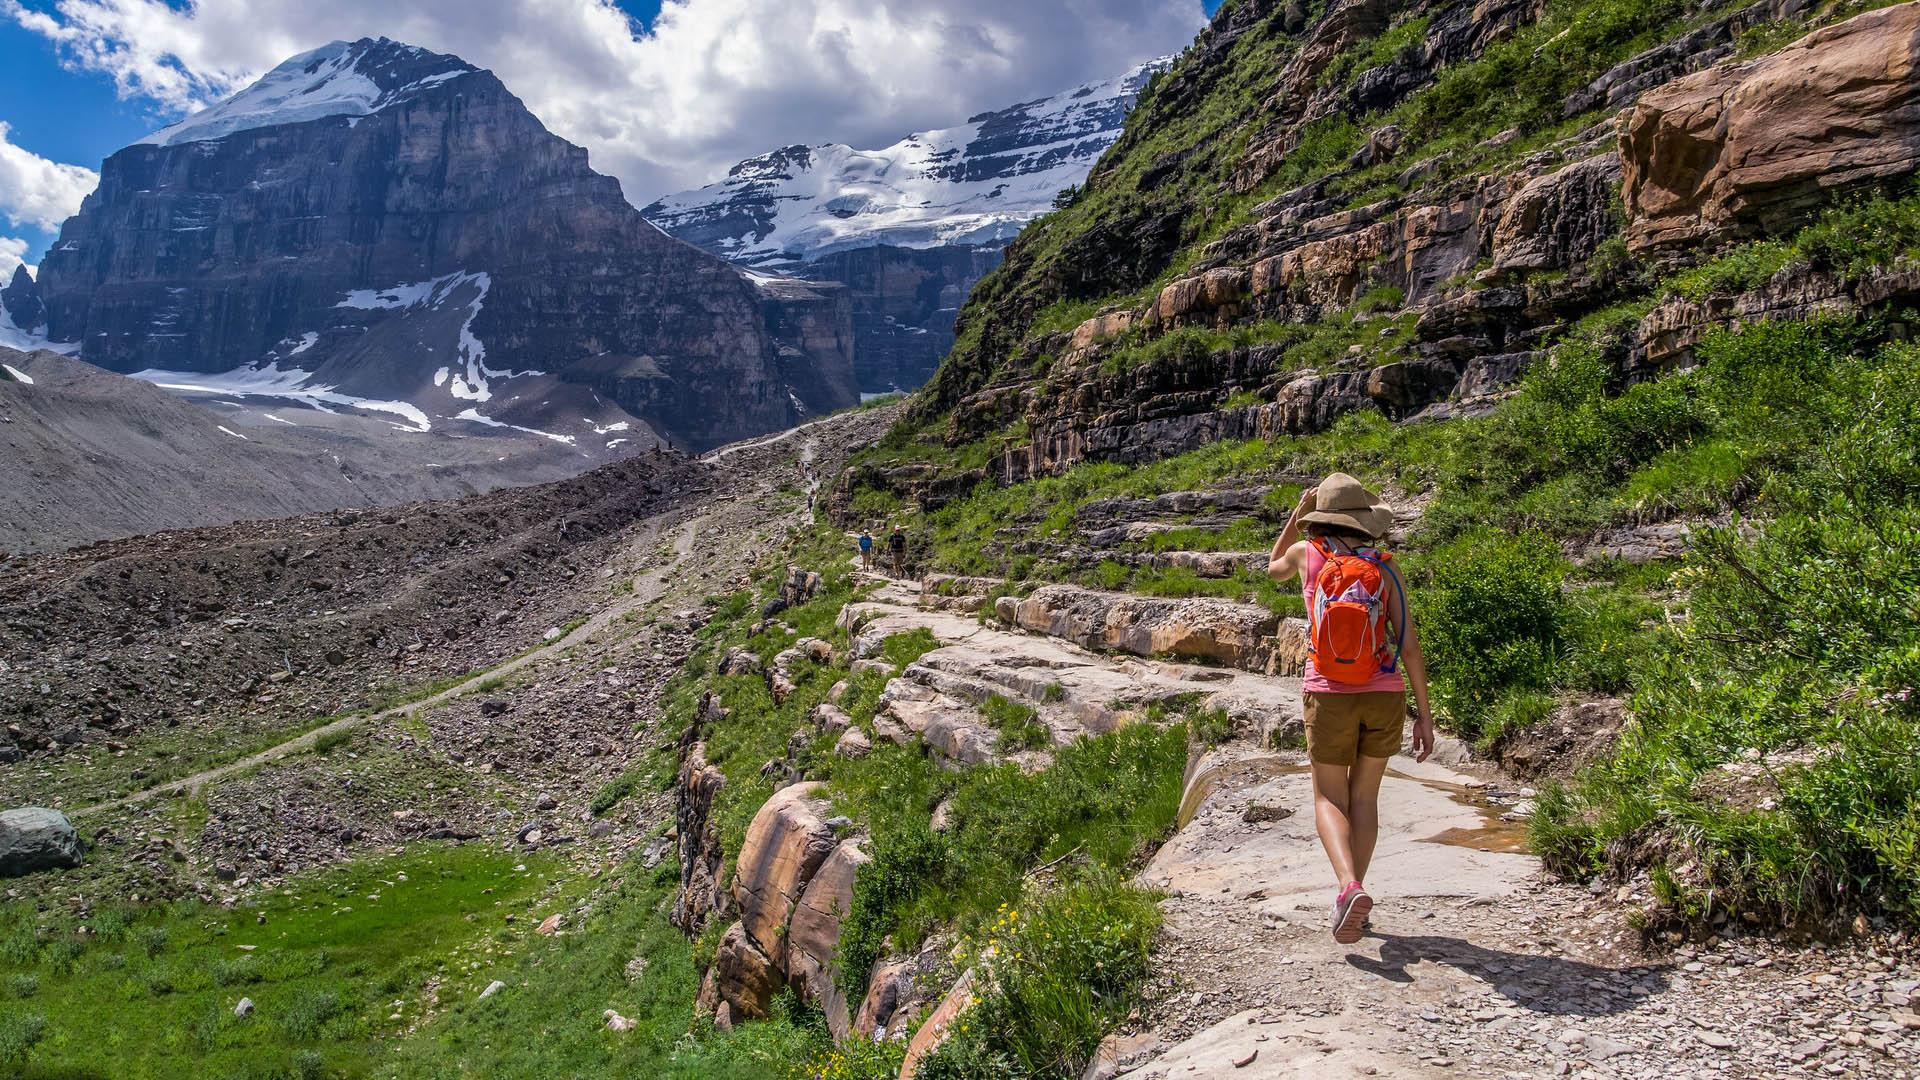 9 consigli per fare trekking al meglio